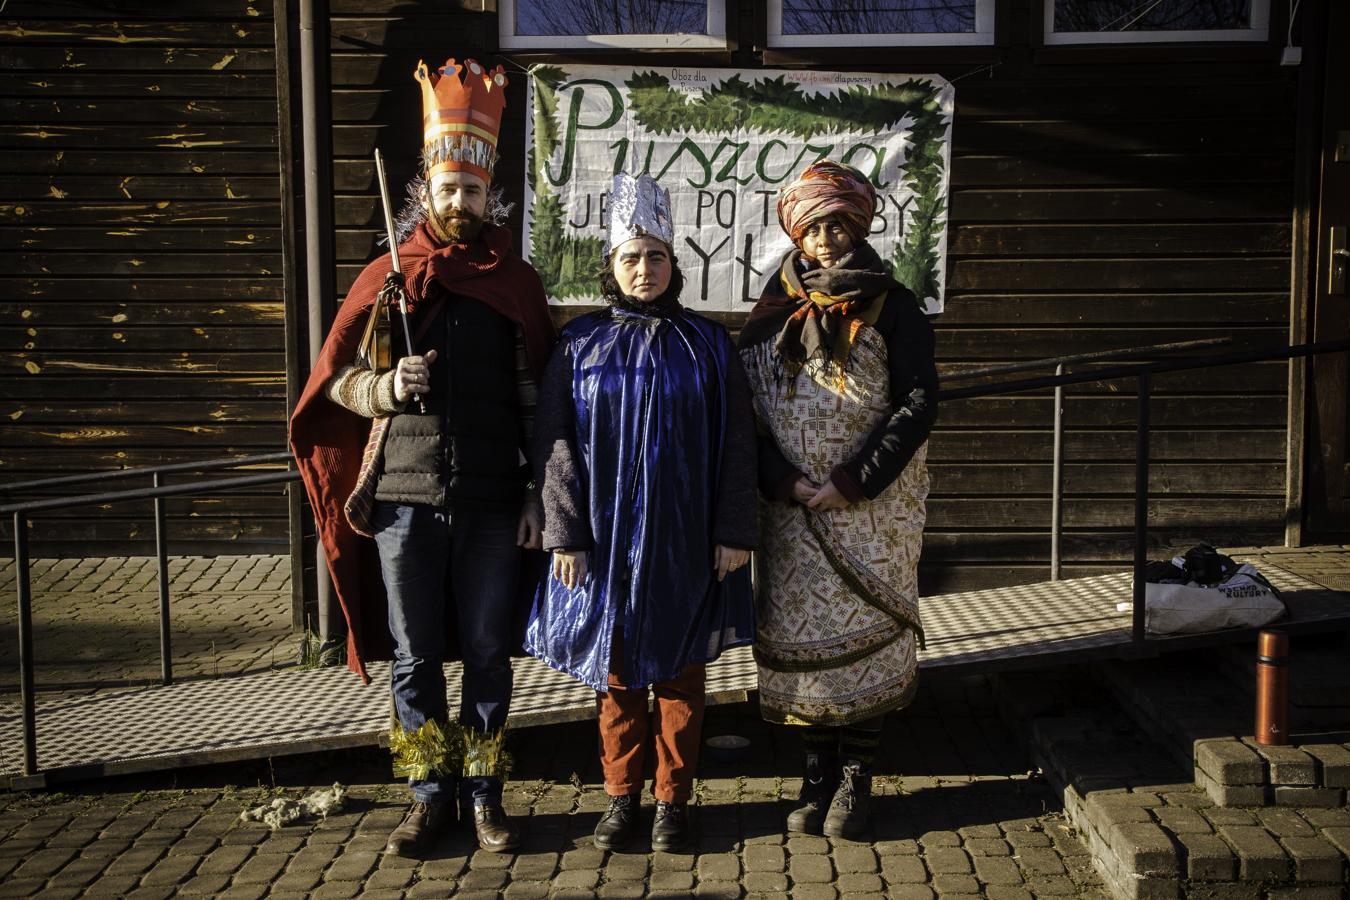 Trzej Królowie/Mędrcy (od lewej: Mateusz Niwiński, Julita Charytoniuk, Zuza Marszewska) pod budynkiem starej szkoły w Teremiskach na tle napisu Puszcza jest po to, żeby była.